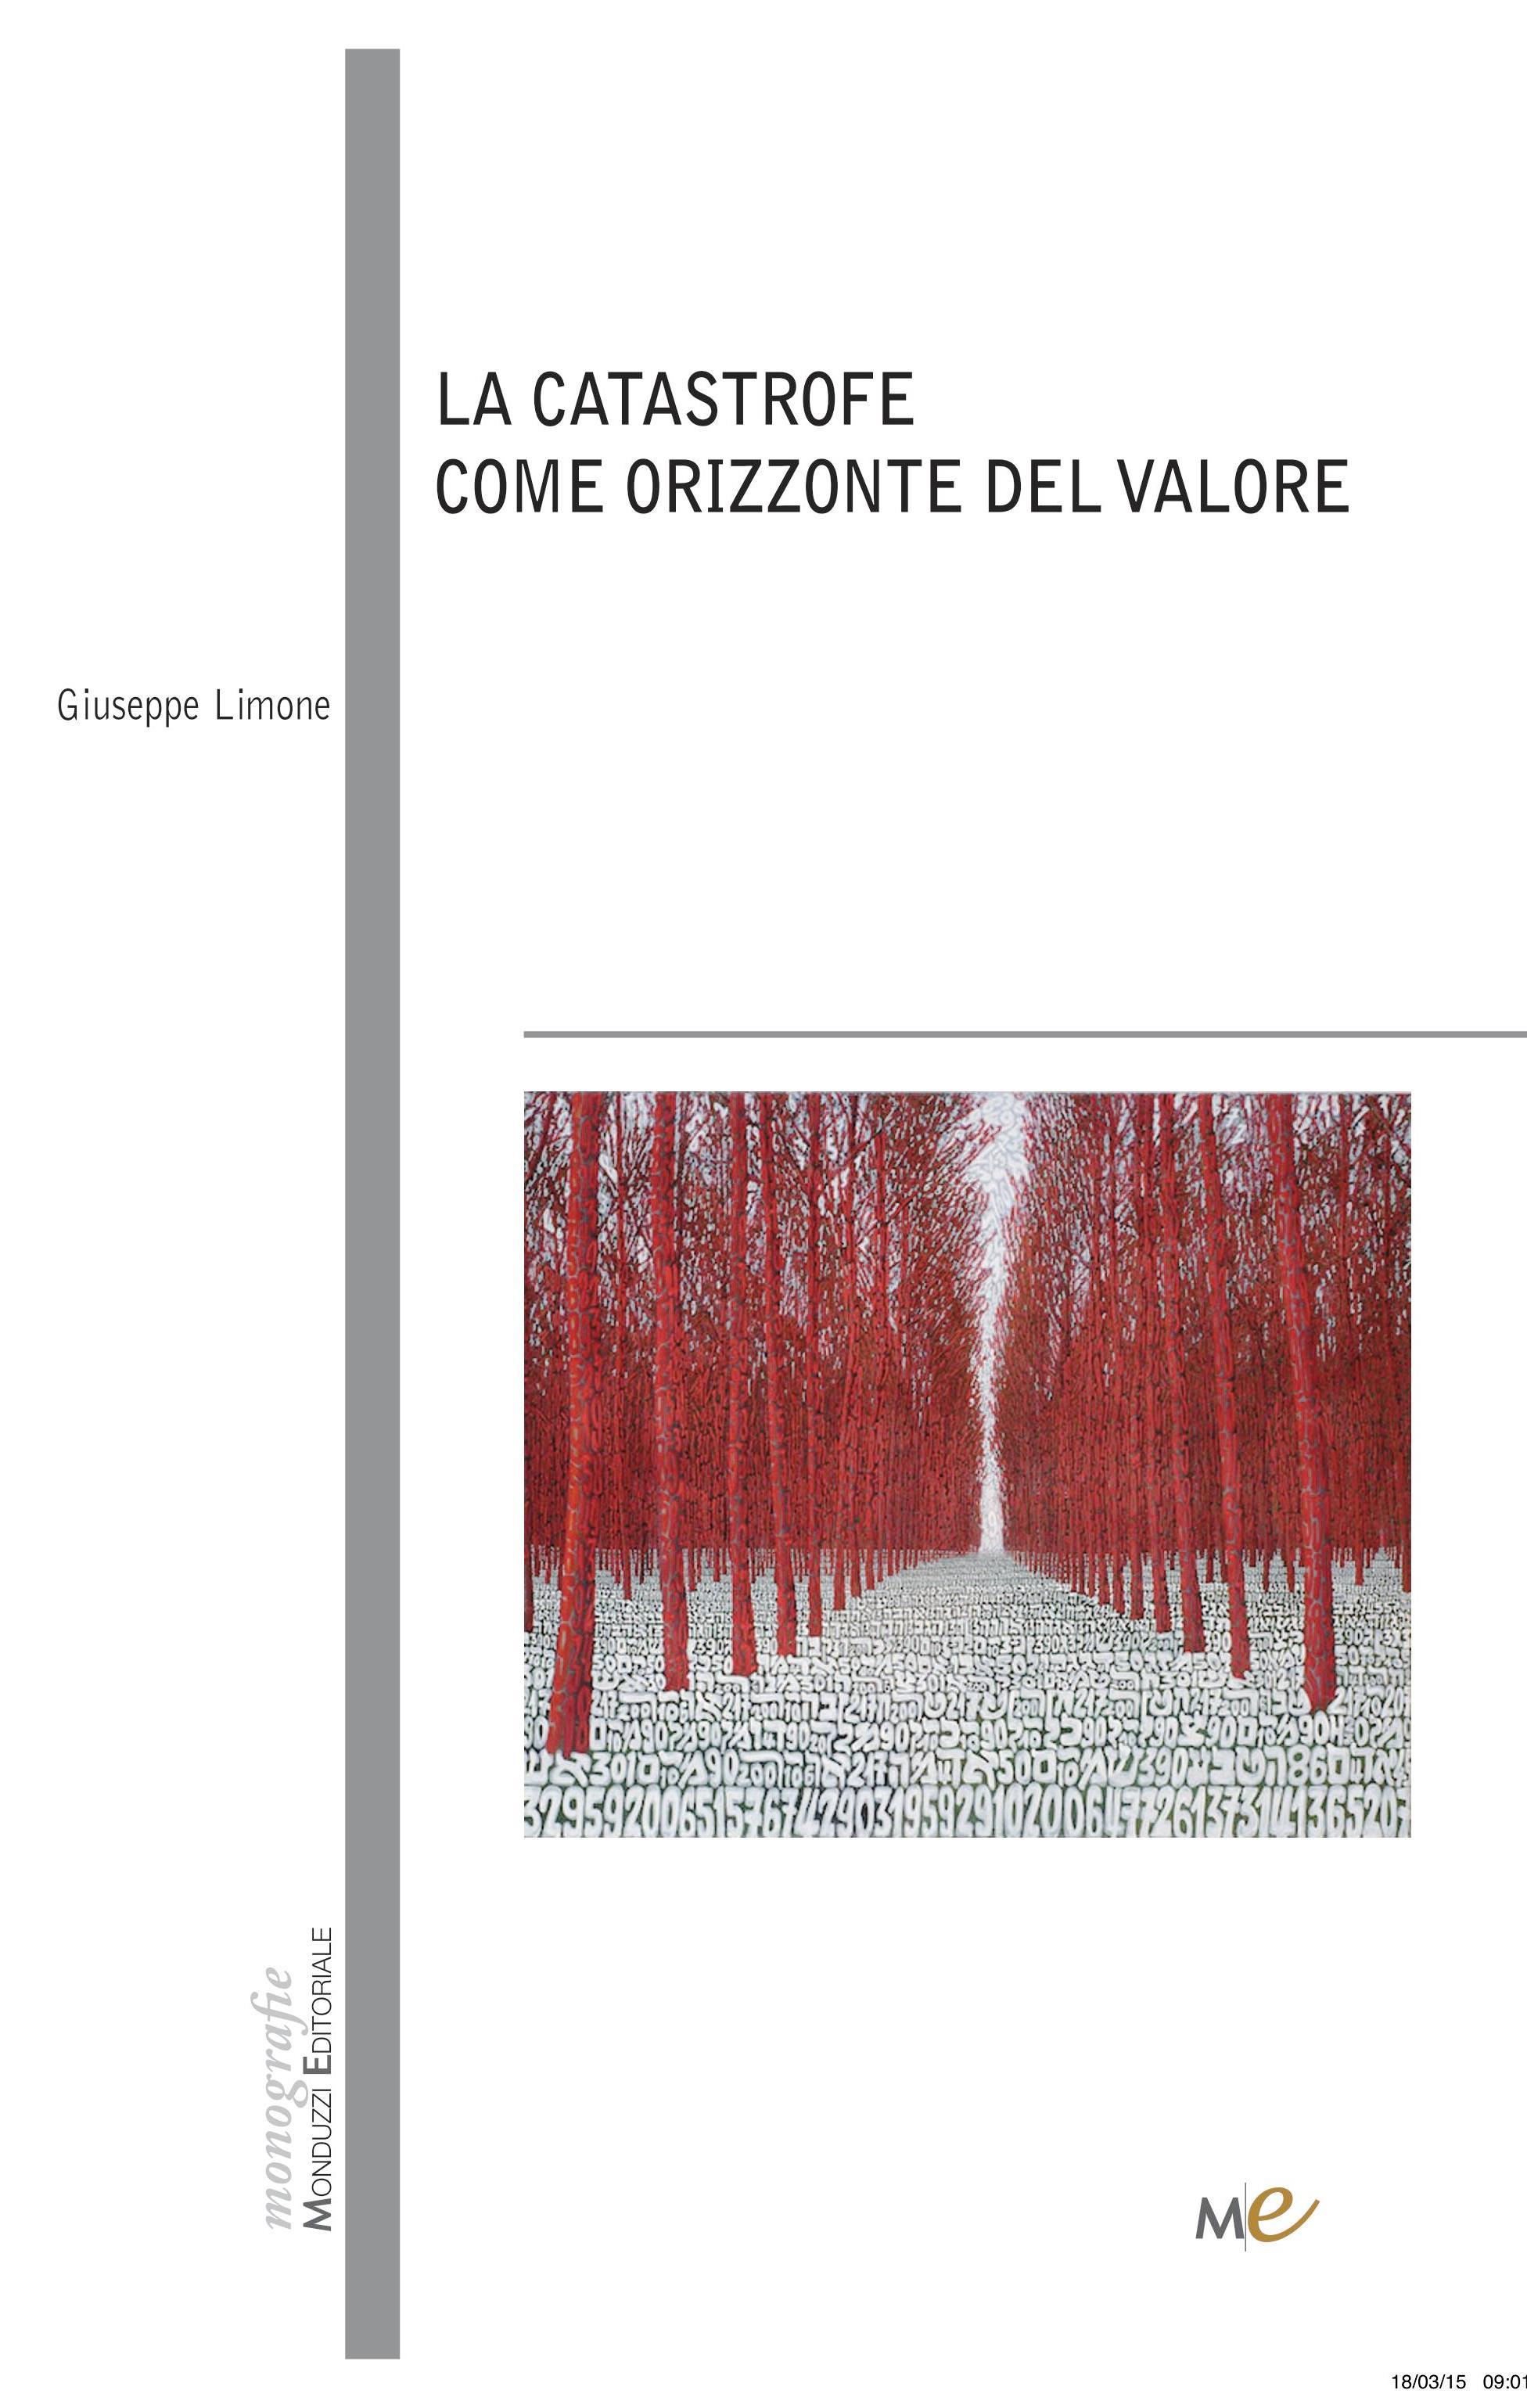 La catastrofe come orizzonte di valore - di Giuseppe Limone